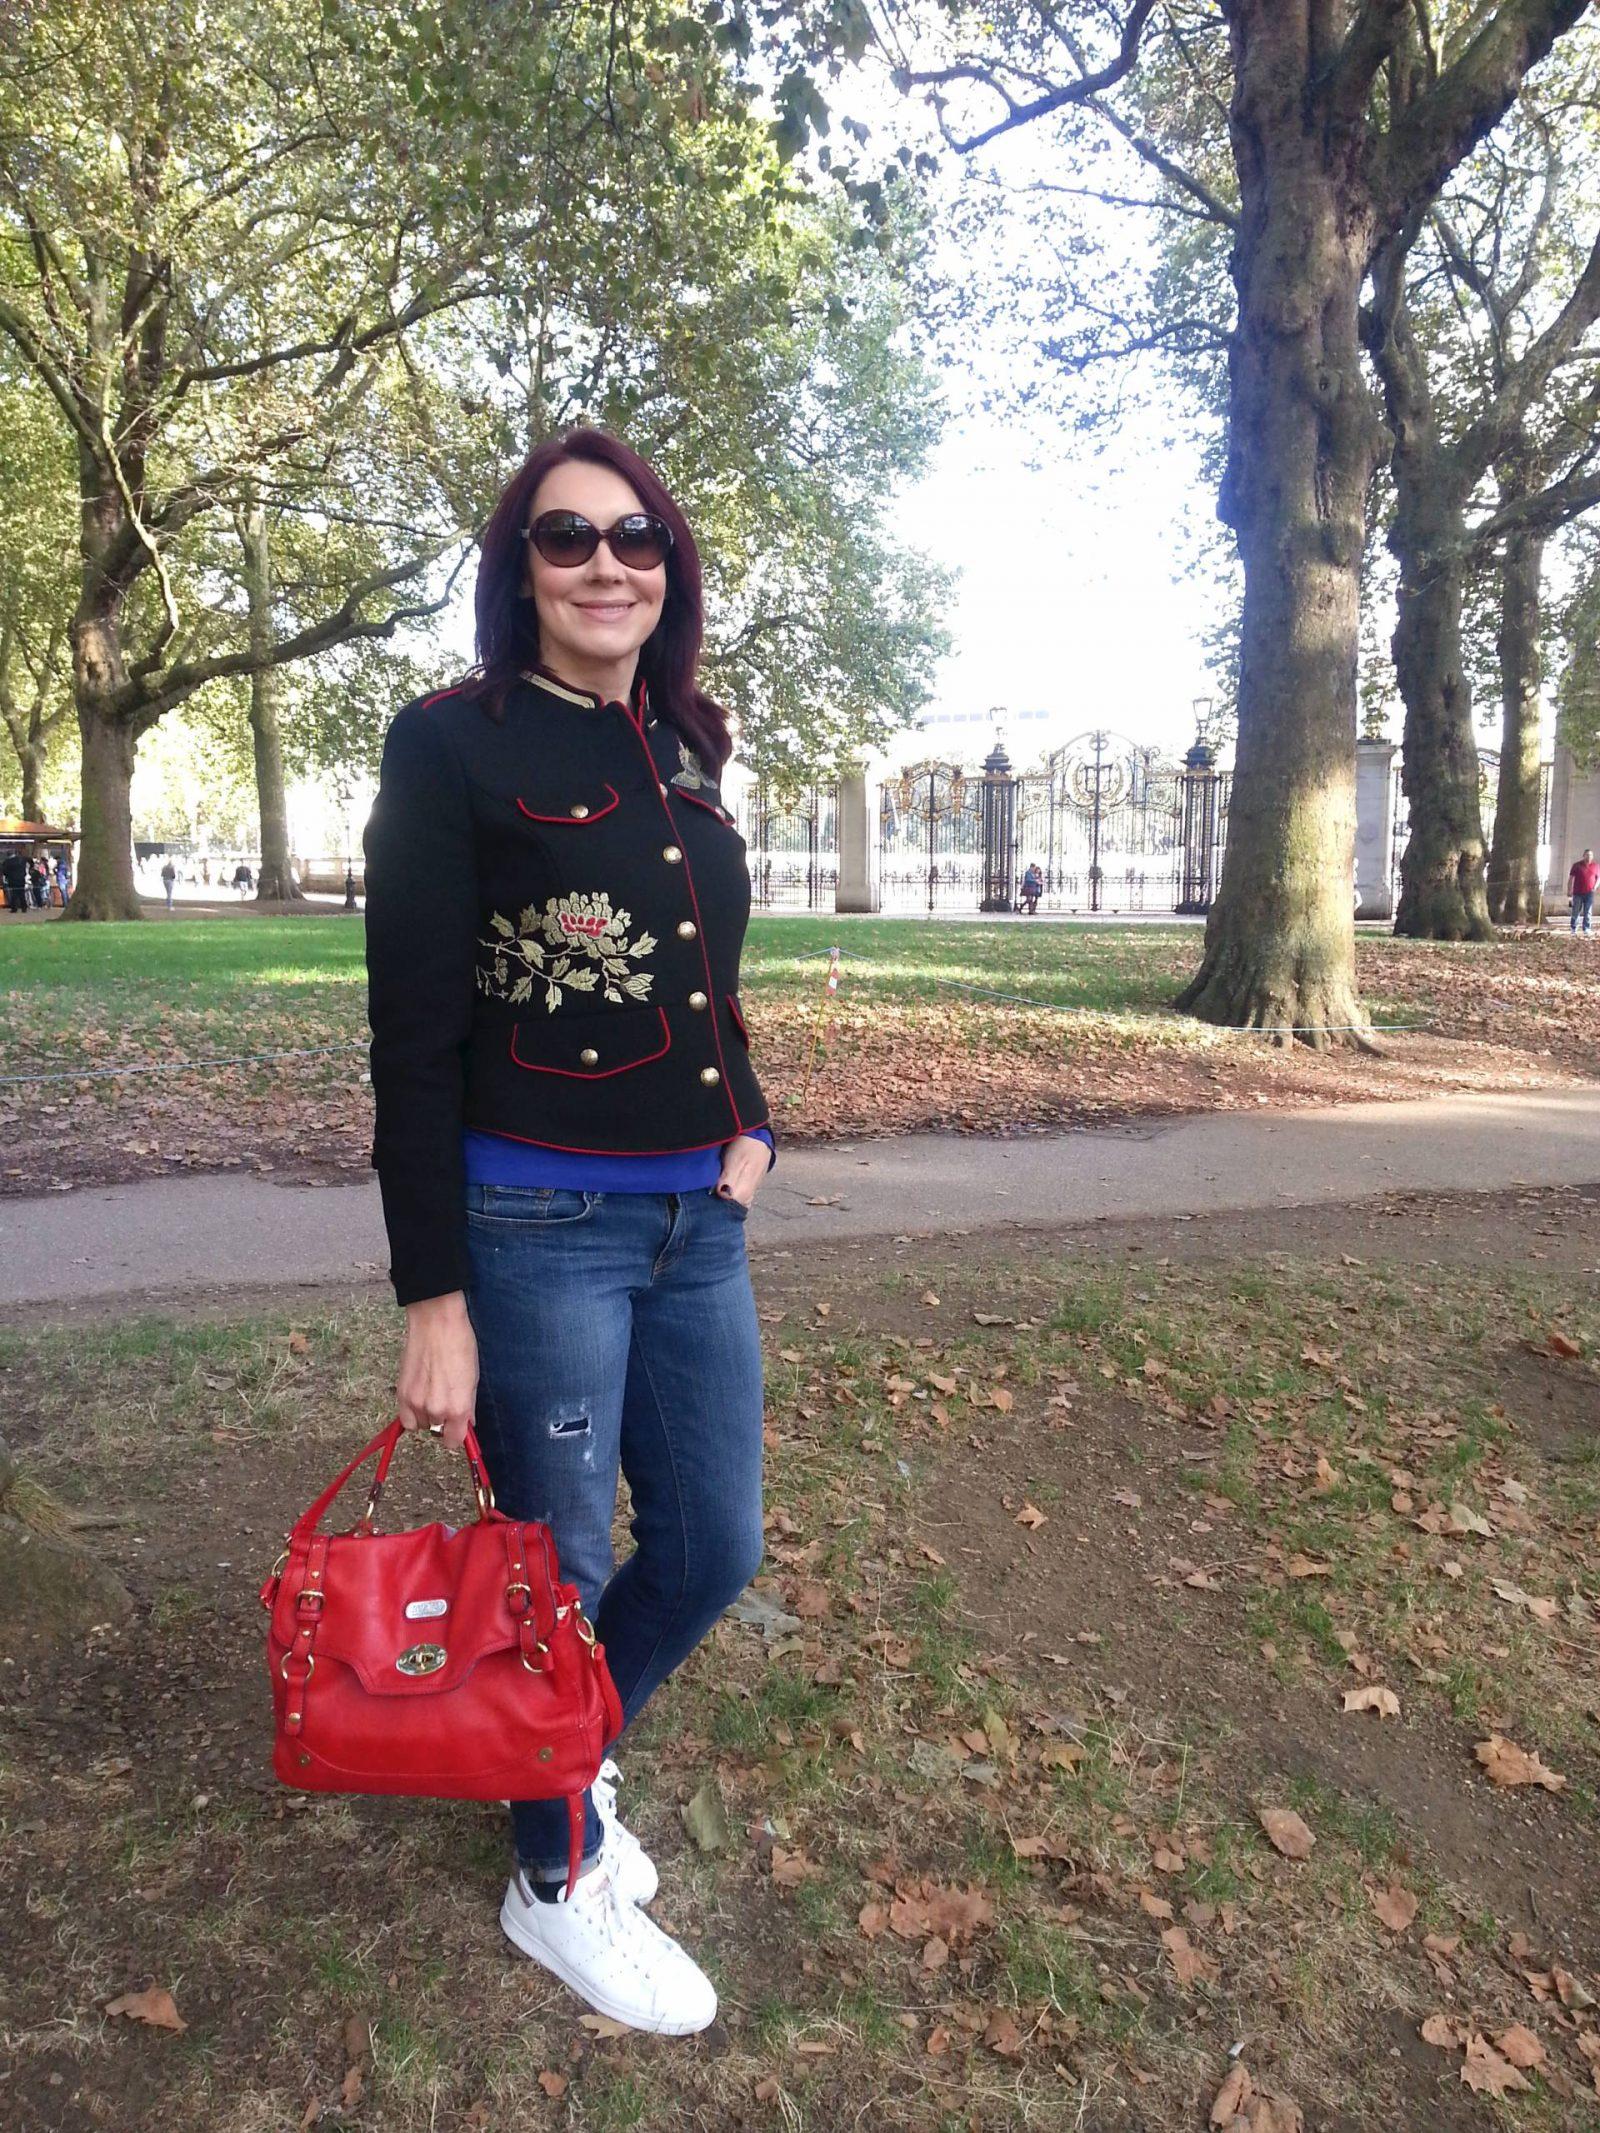 Weekend in London zara military jacket and boyfriend jeans